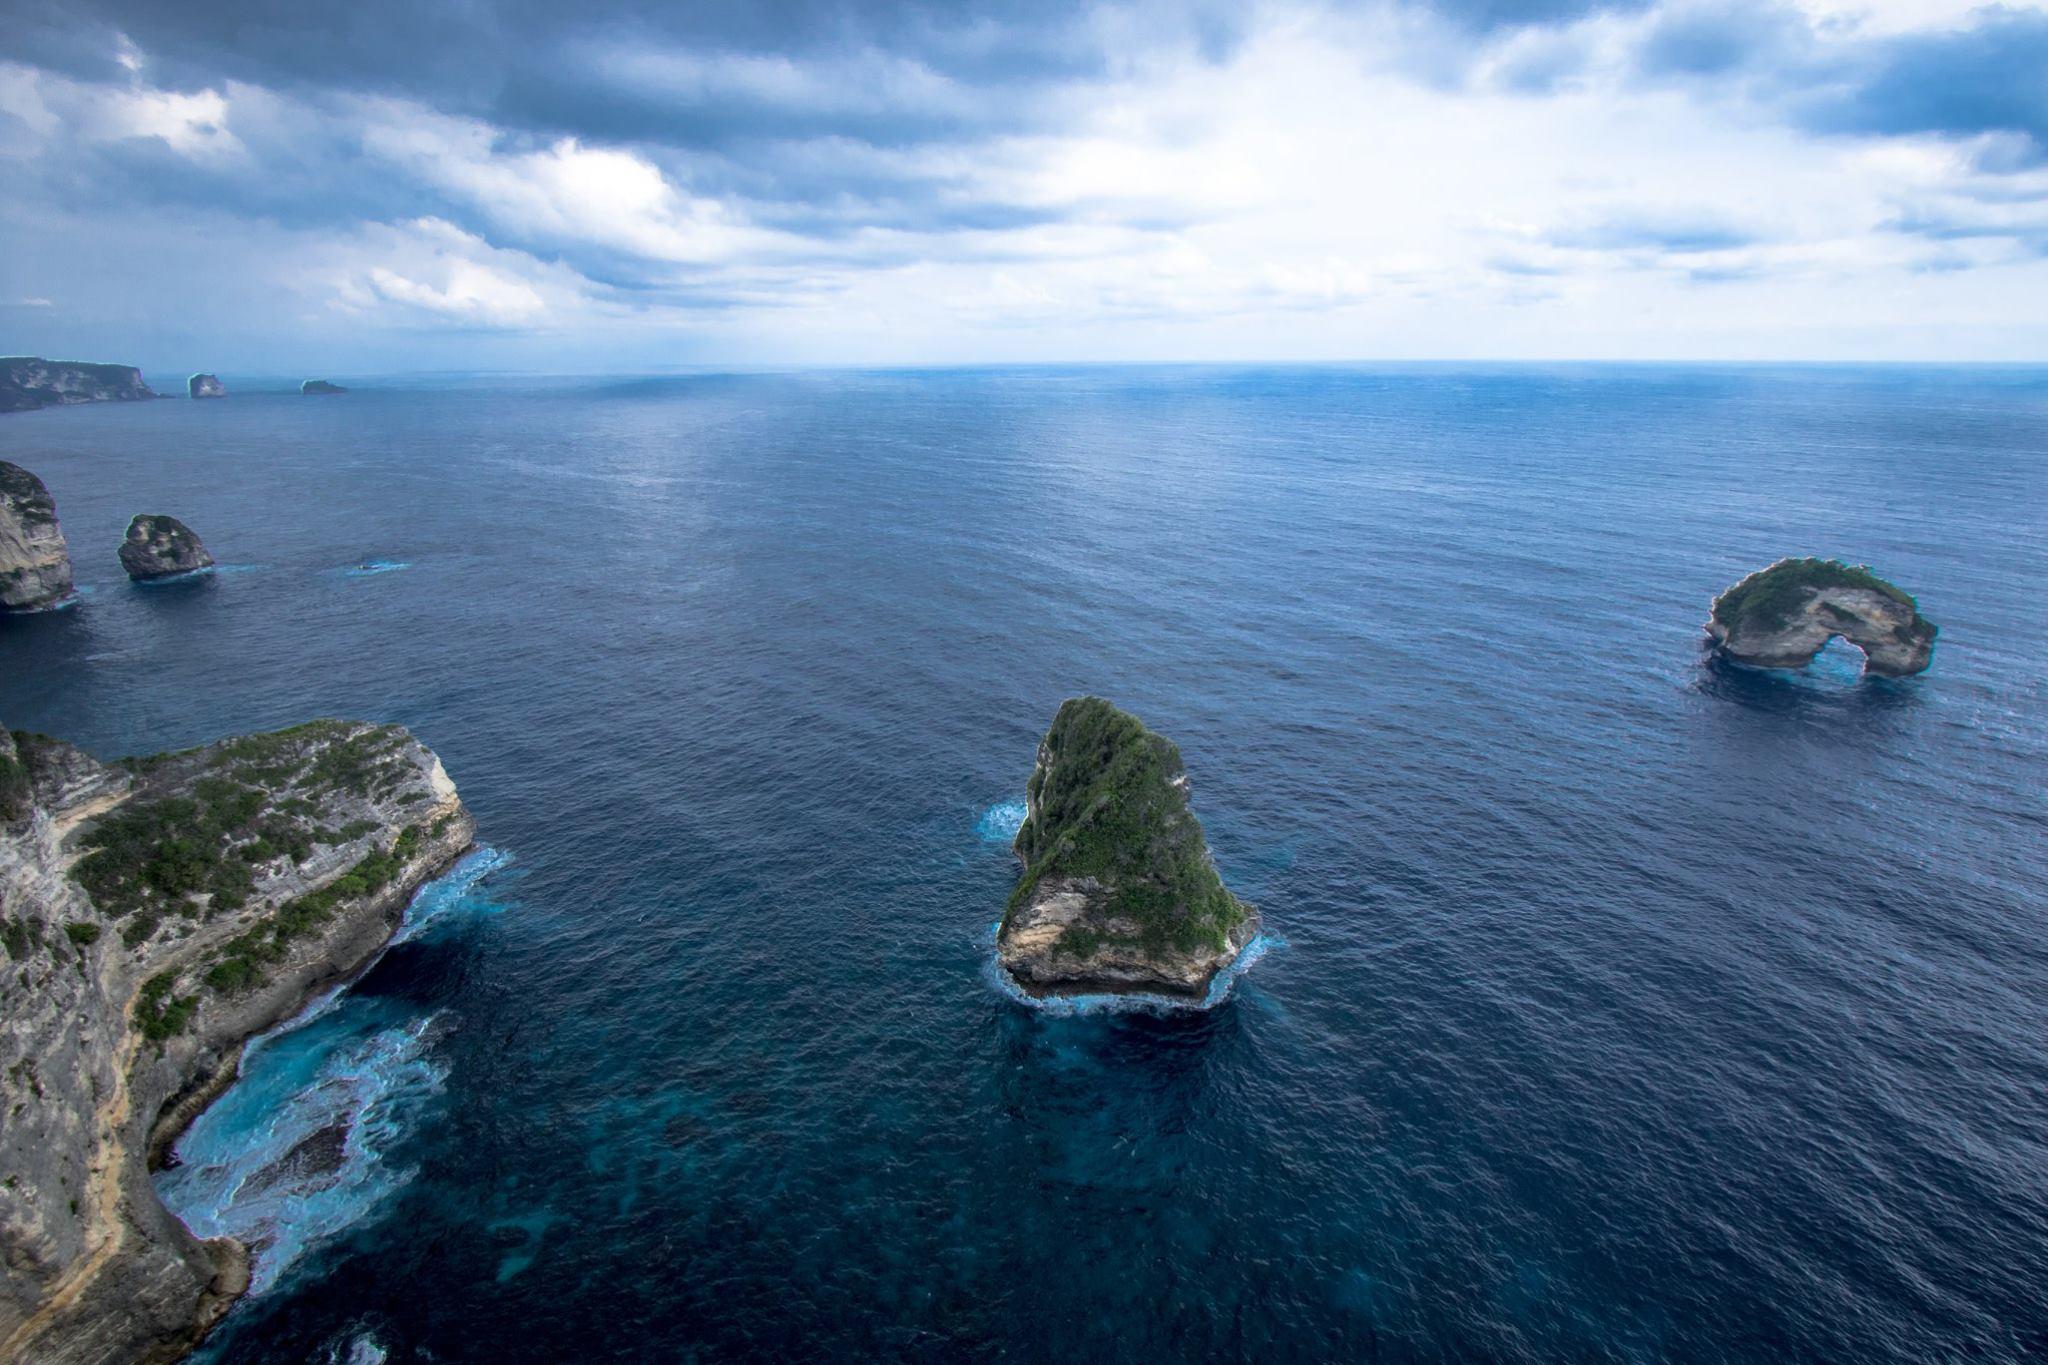 Coastline of Nusa Penida Bali